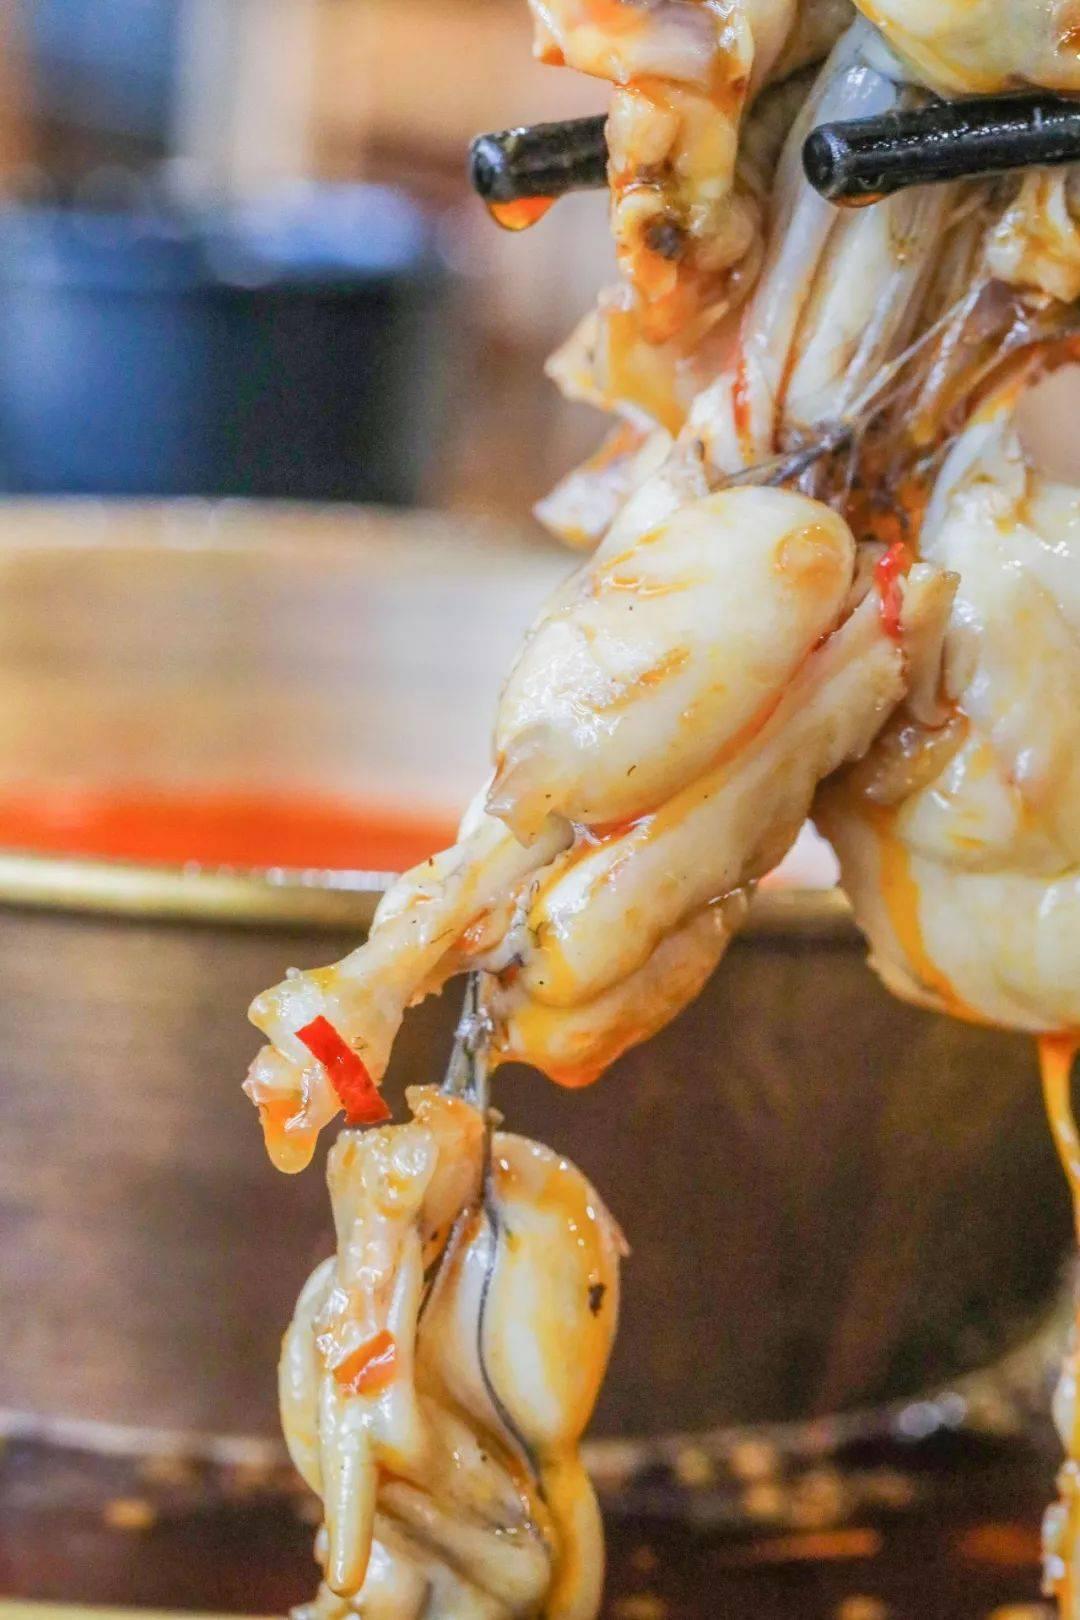 【南京】19.9元抢门市价176元恋尚哥老官双人牛蛙套餐,来尝一口正宗的鲜!香!辣!周末通用!!